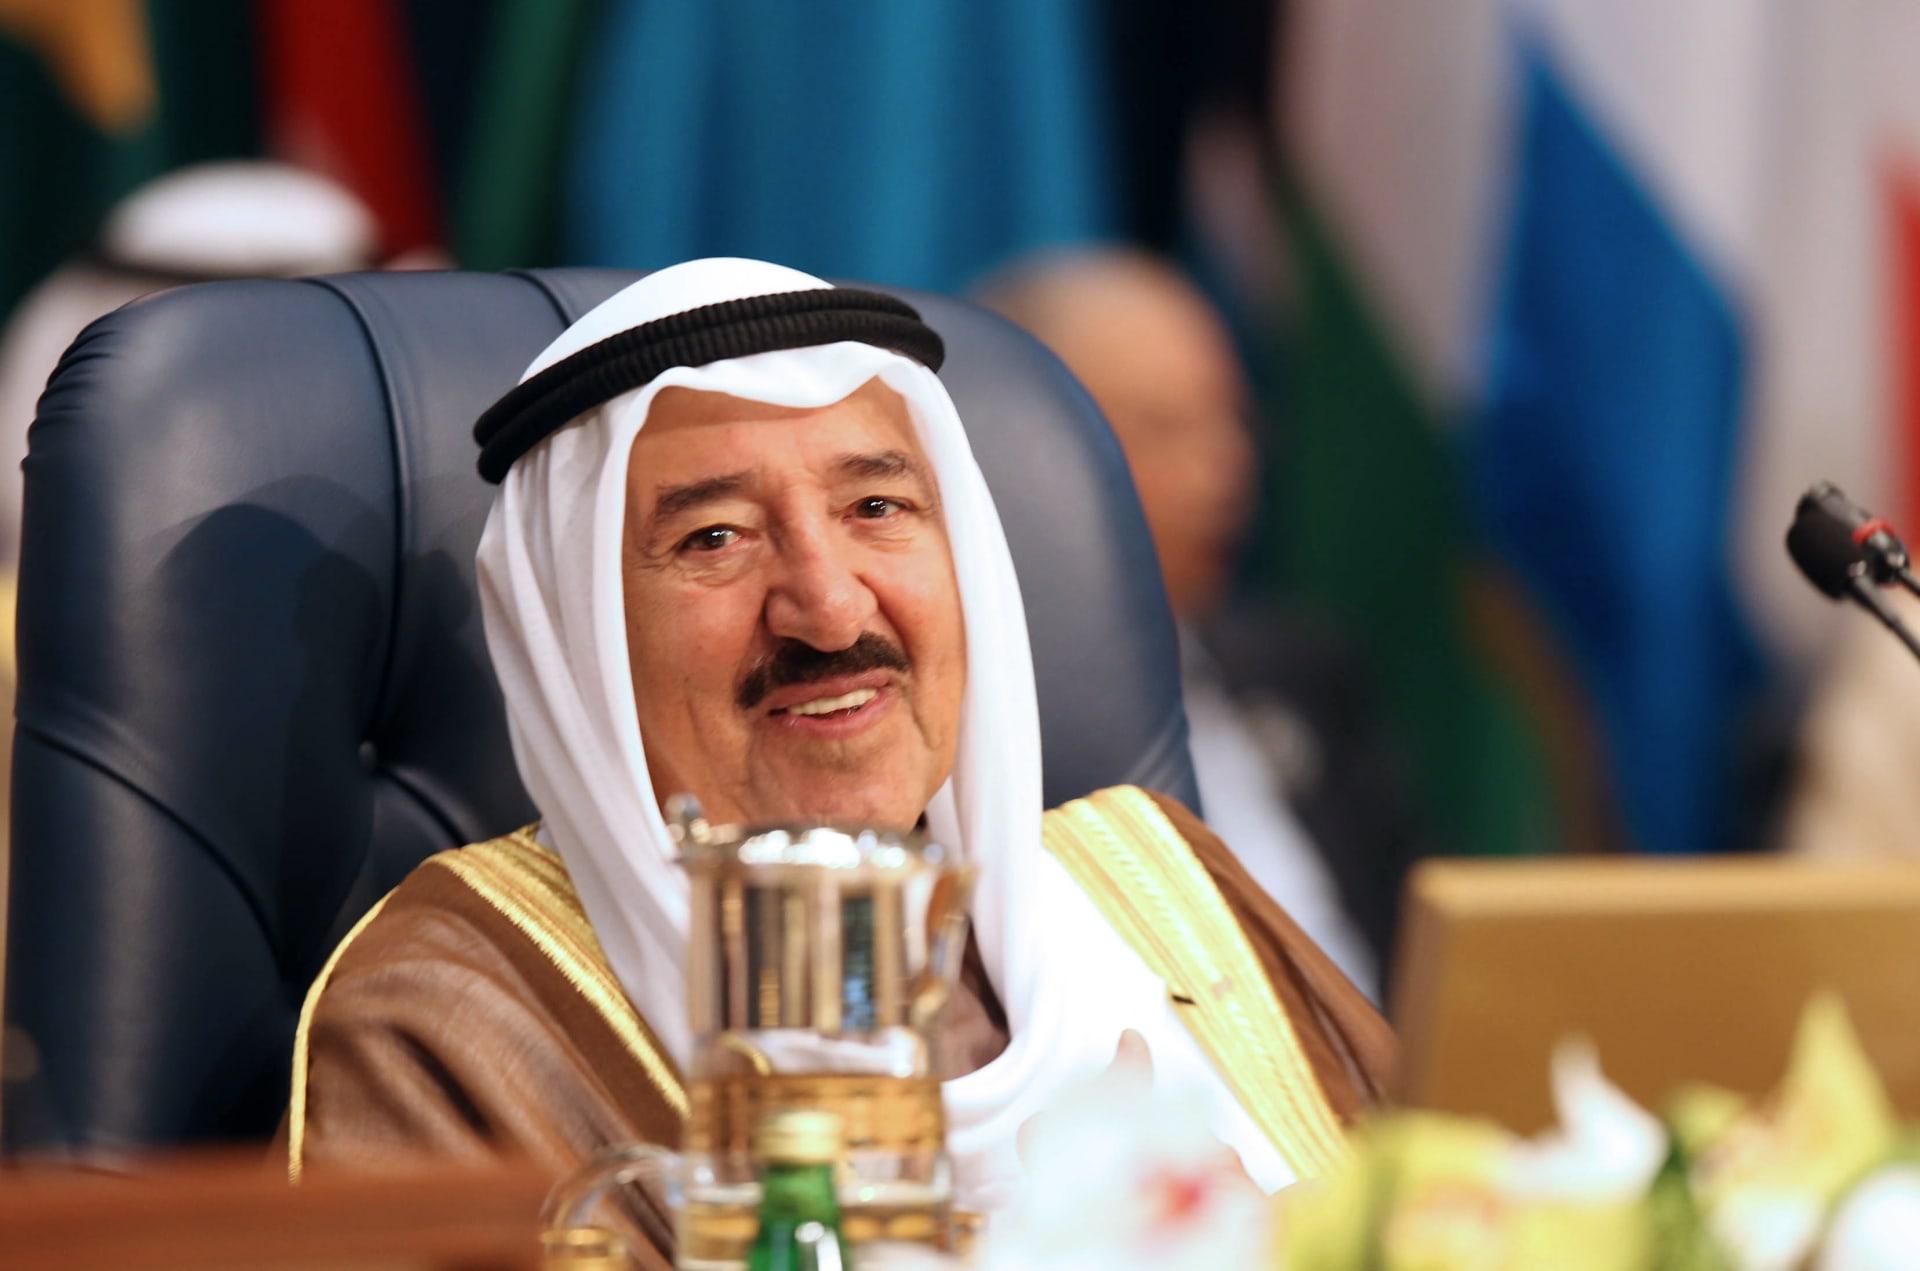 الحكومة الكويتية: صحة أمير البلاد مُستقرة مع استكماله علاجه في أمريكا